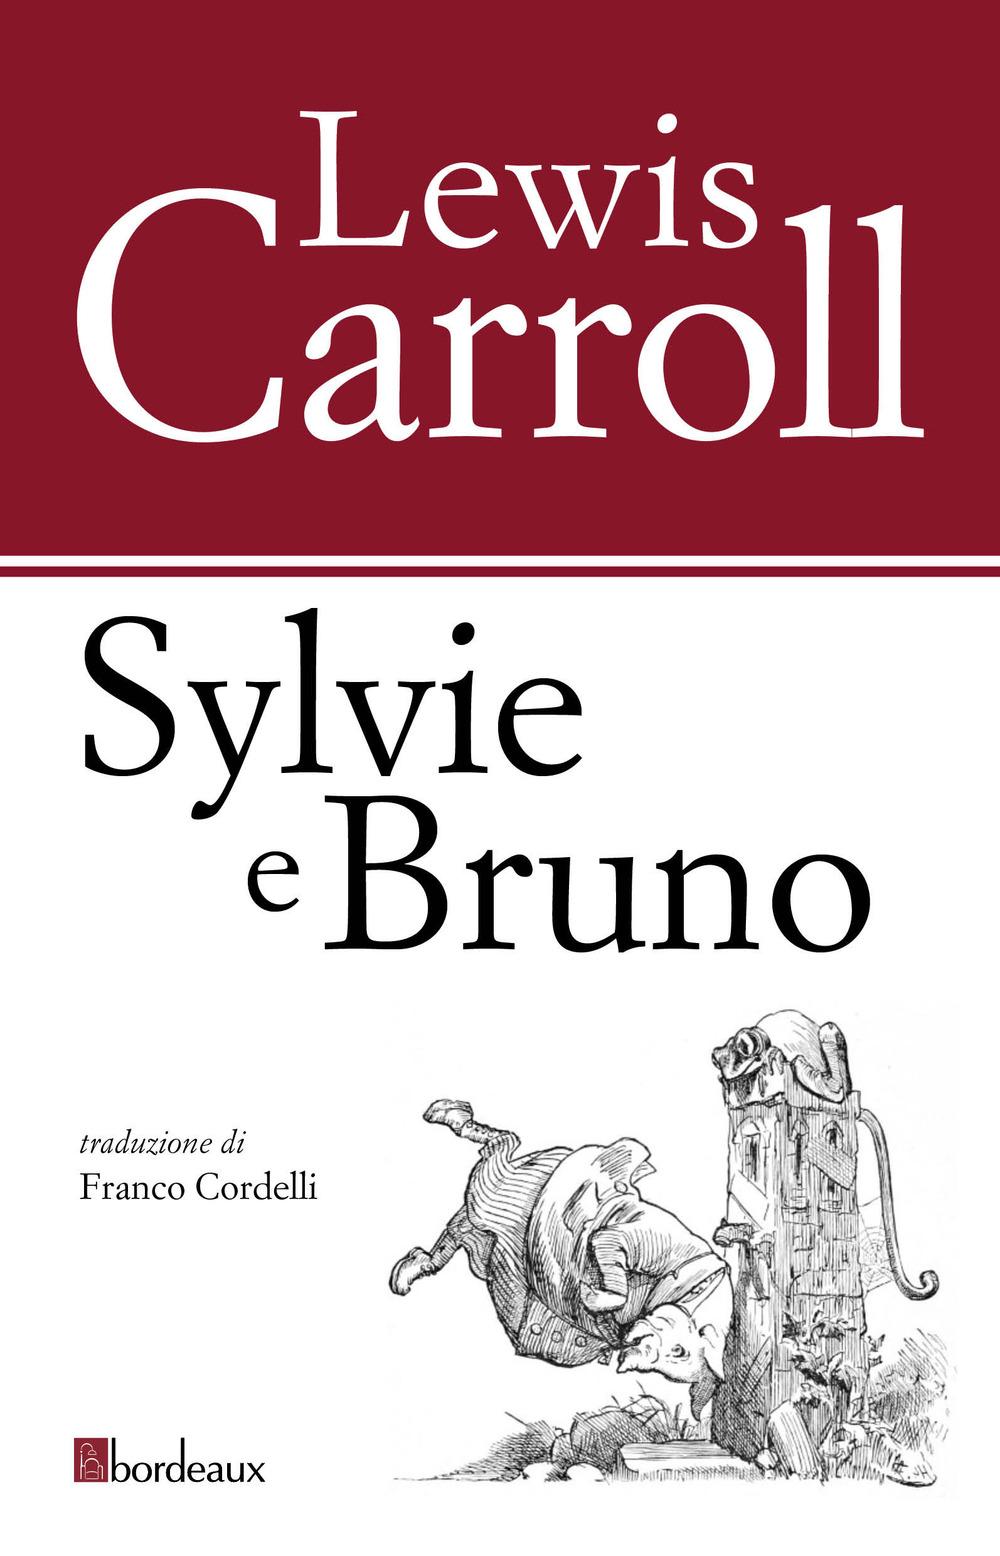 SYLVIE E BRUNO - Lewis Carroll - 9788832103885